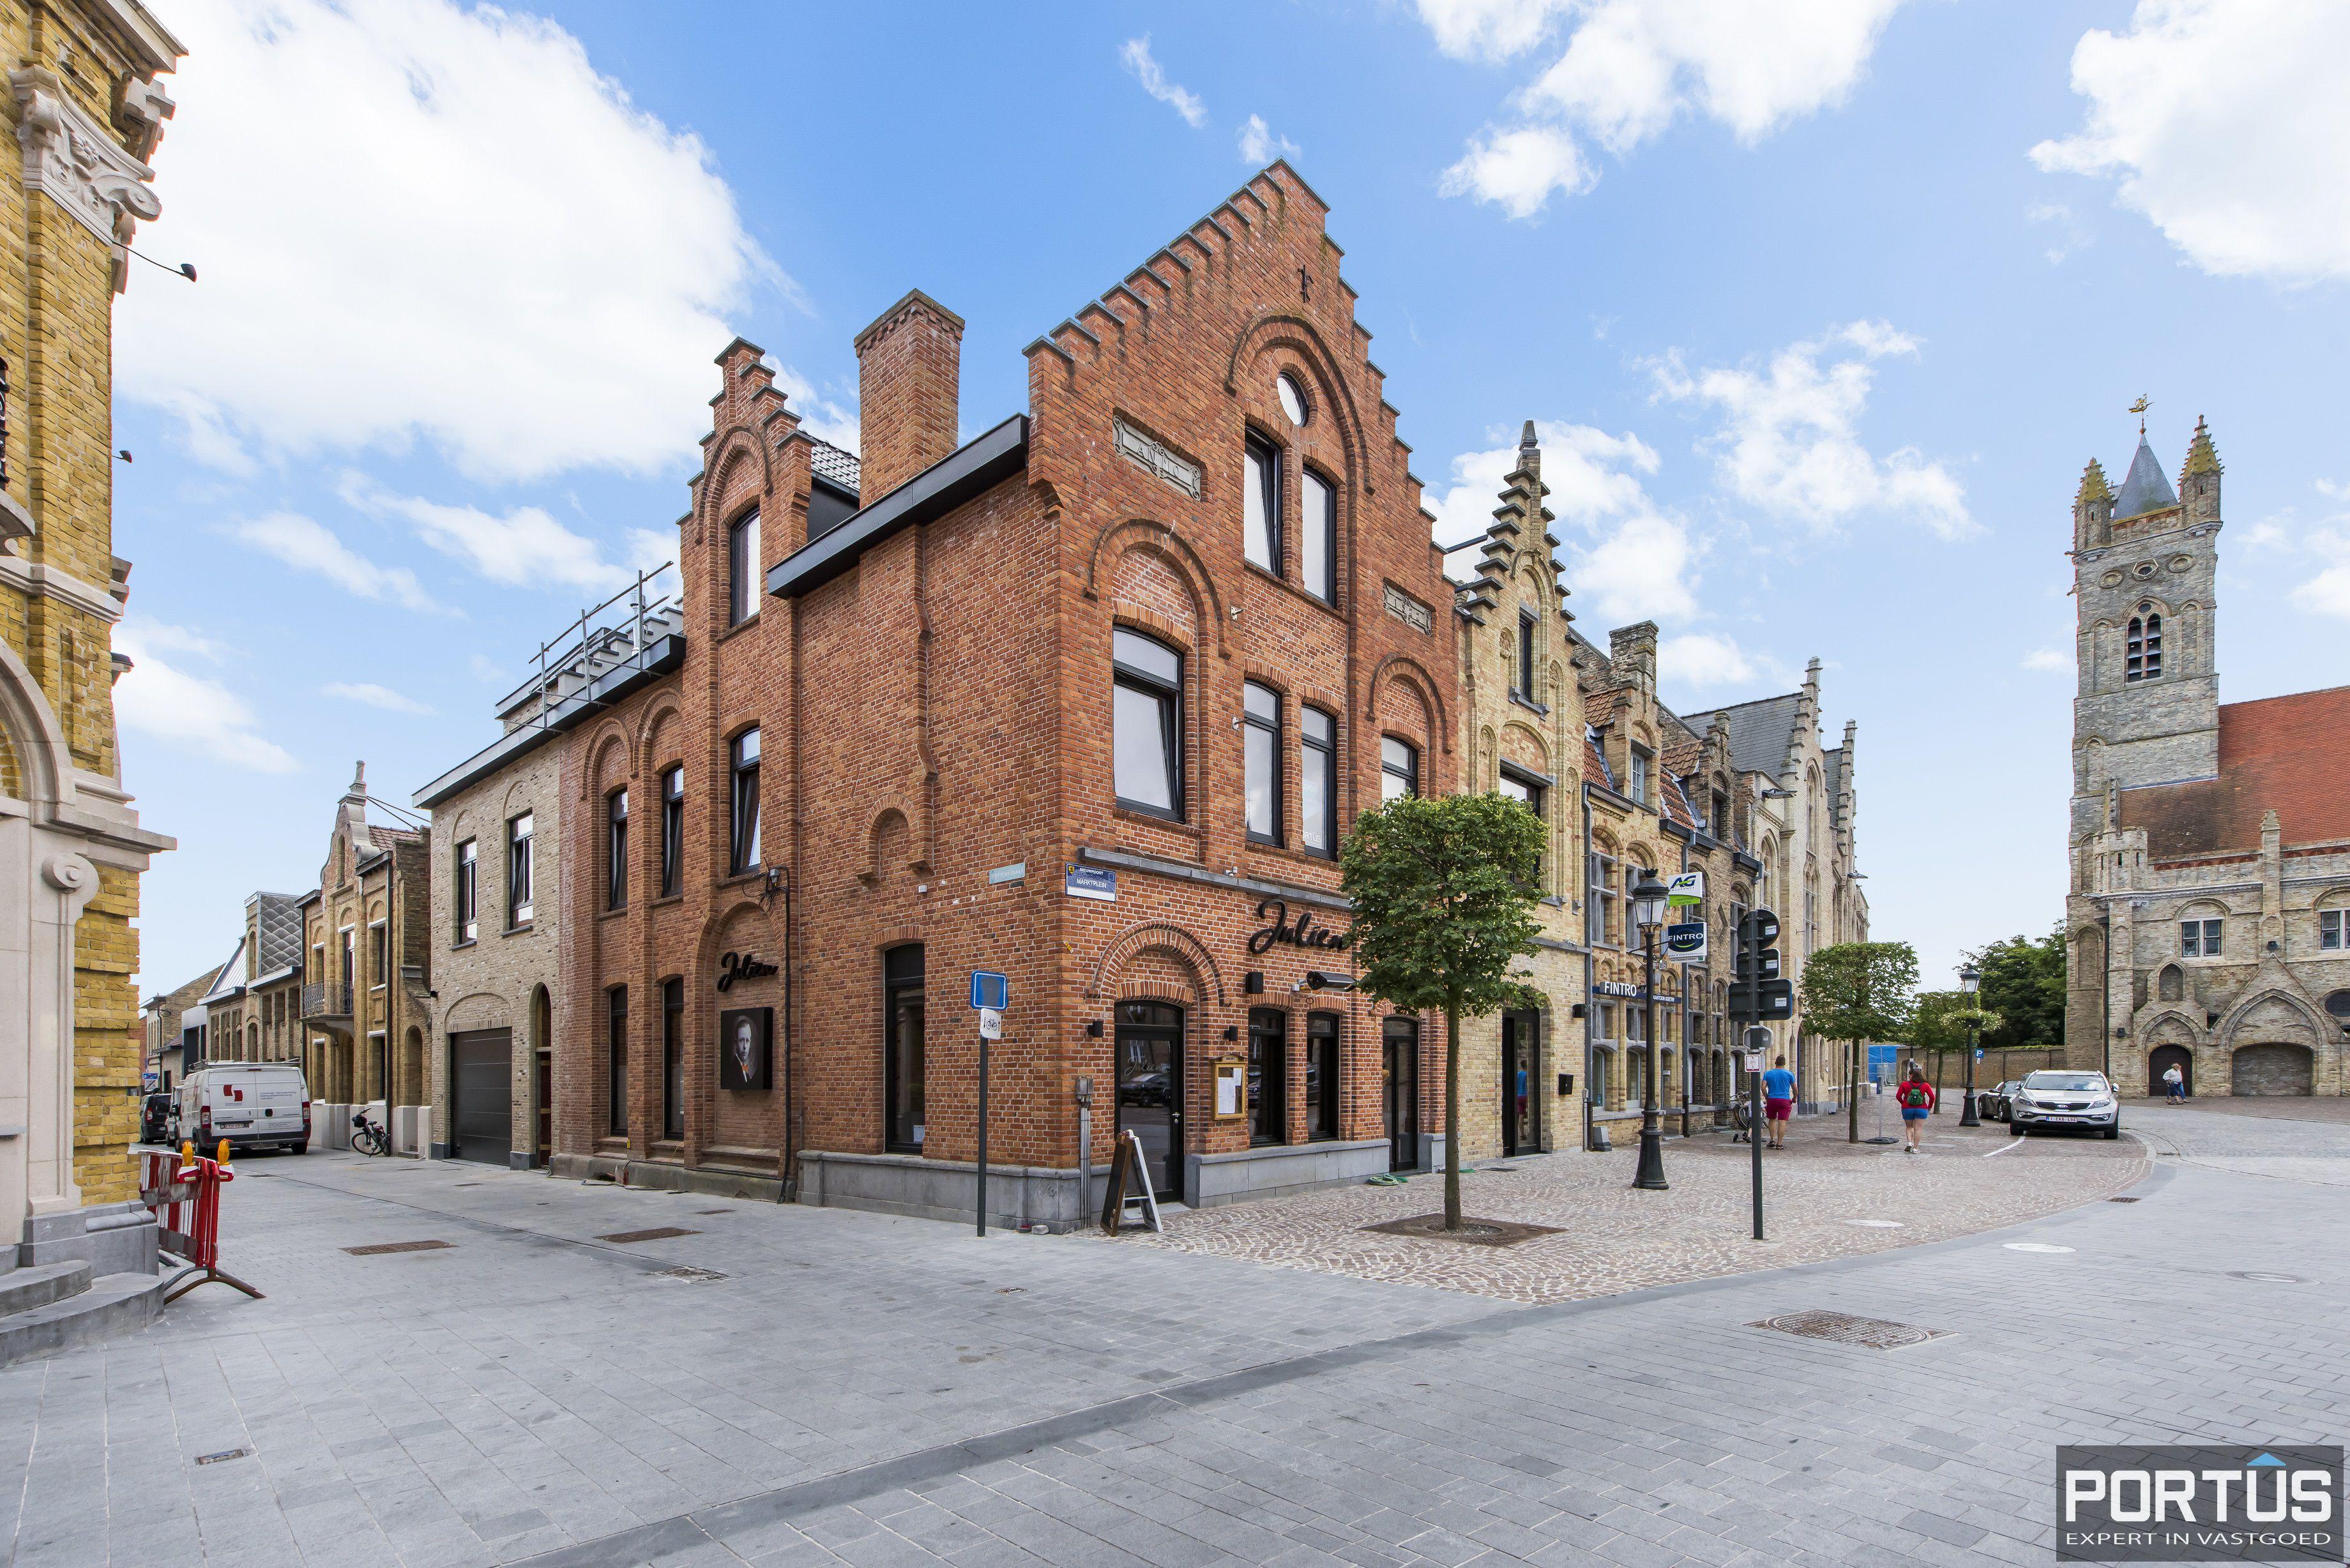 Appartement 3 slaapkamers te koop Marktplein Nieuwpoort - 9922